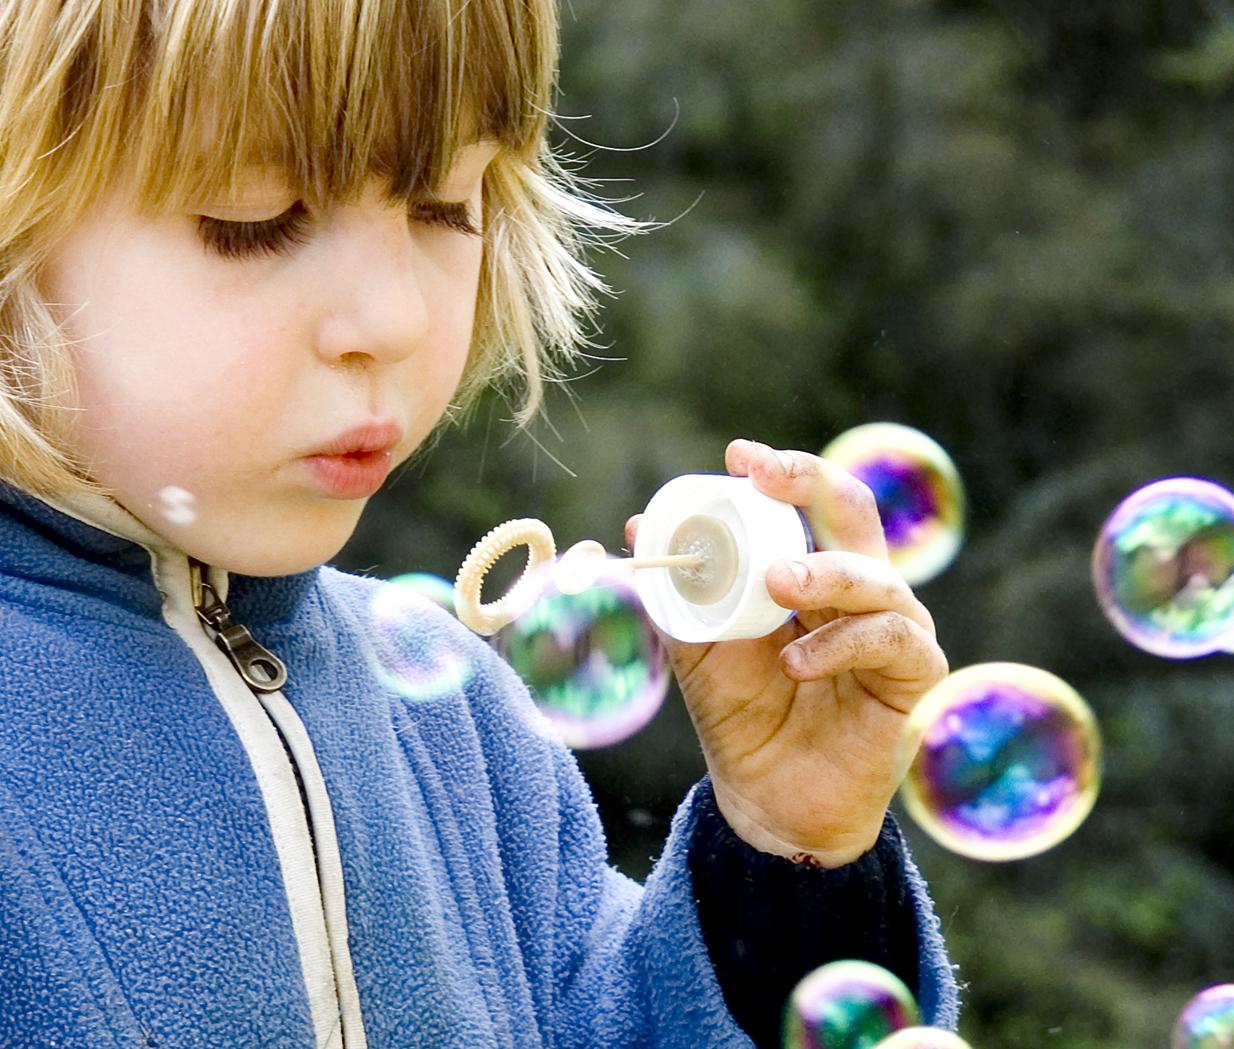 soapbubbles-steveef.jpg